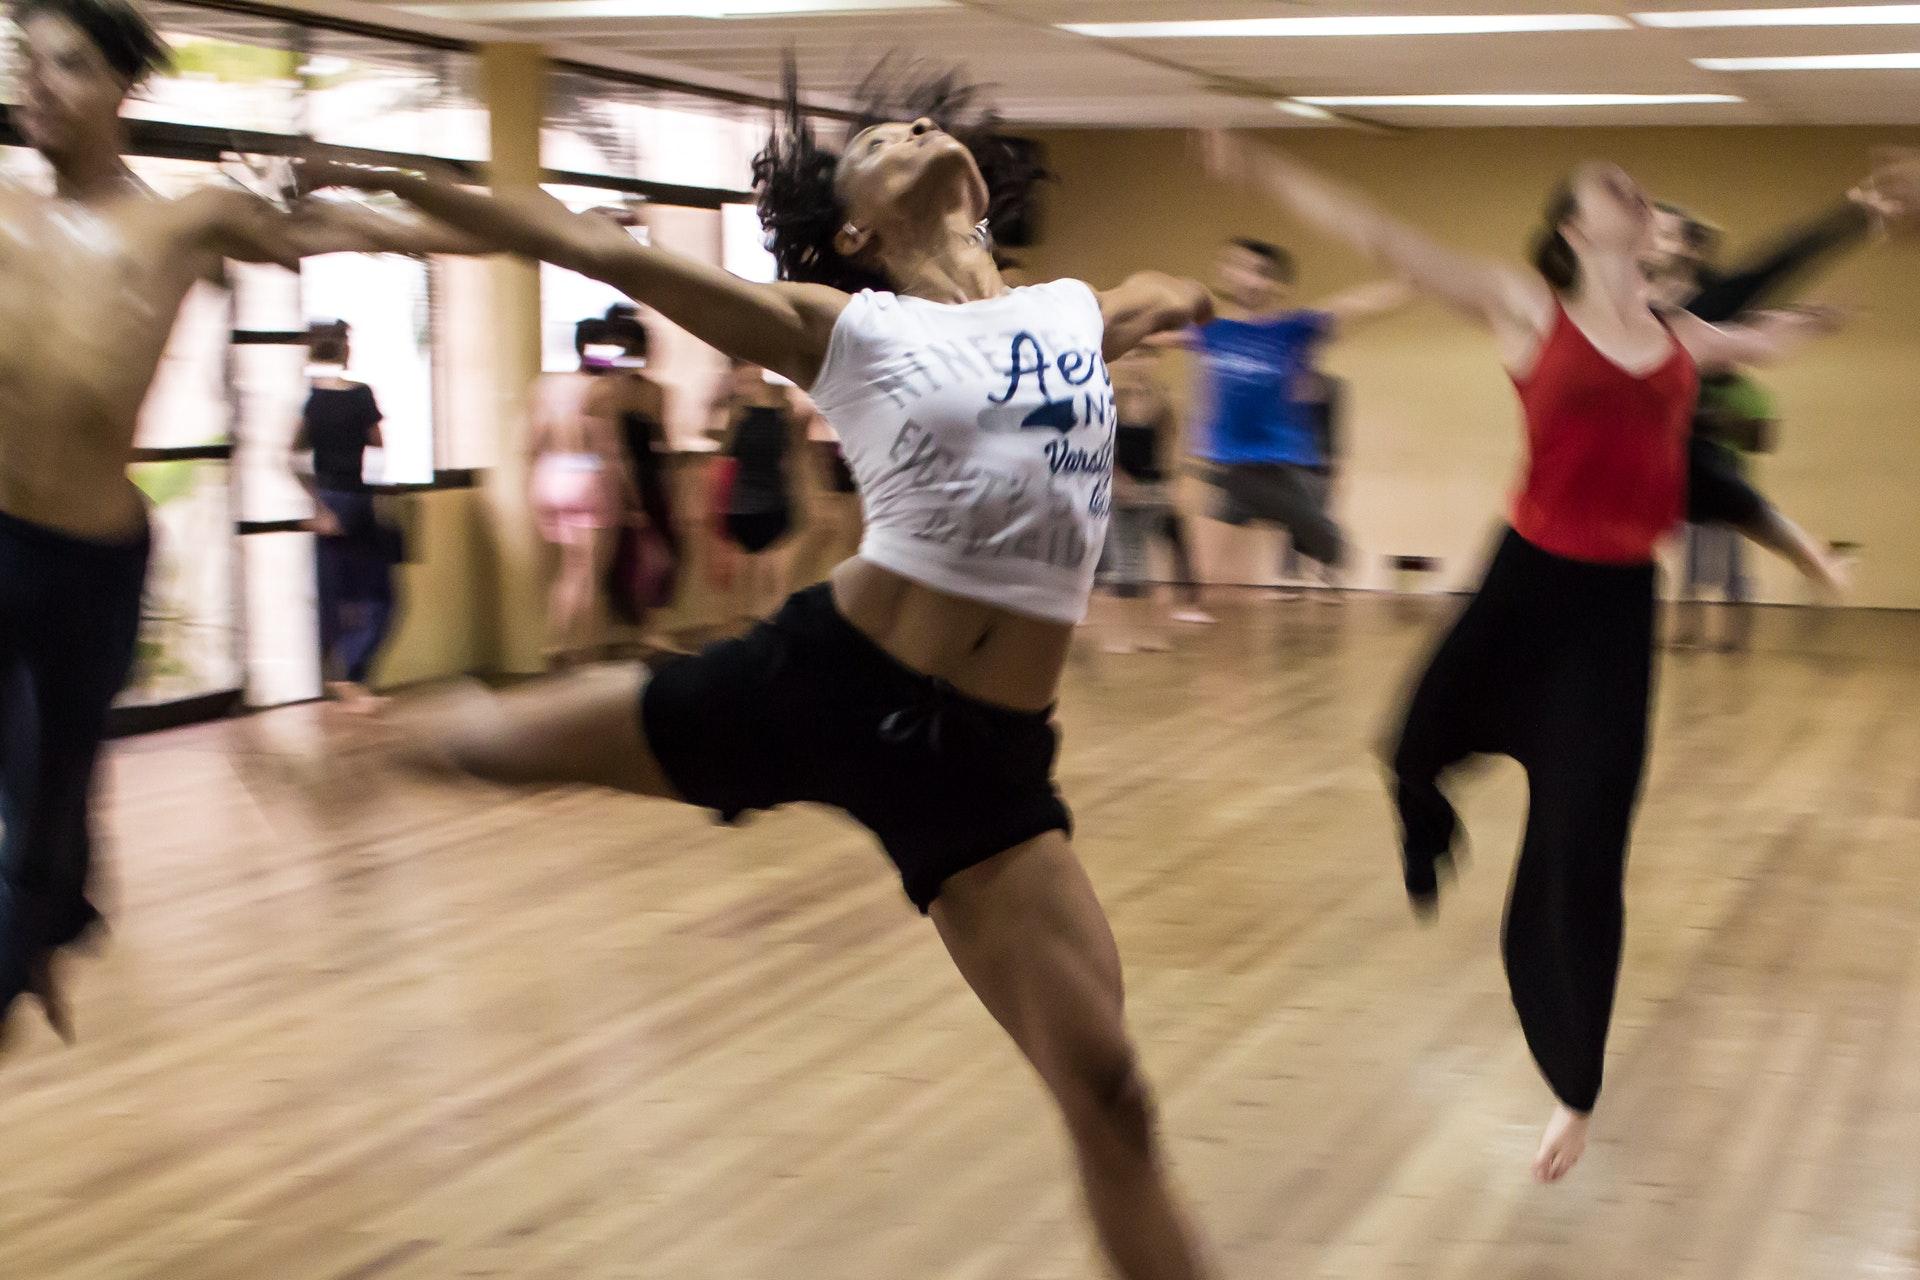 Tänzerinnen im Studio